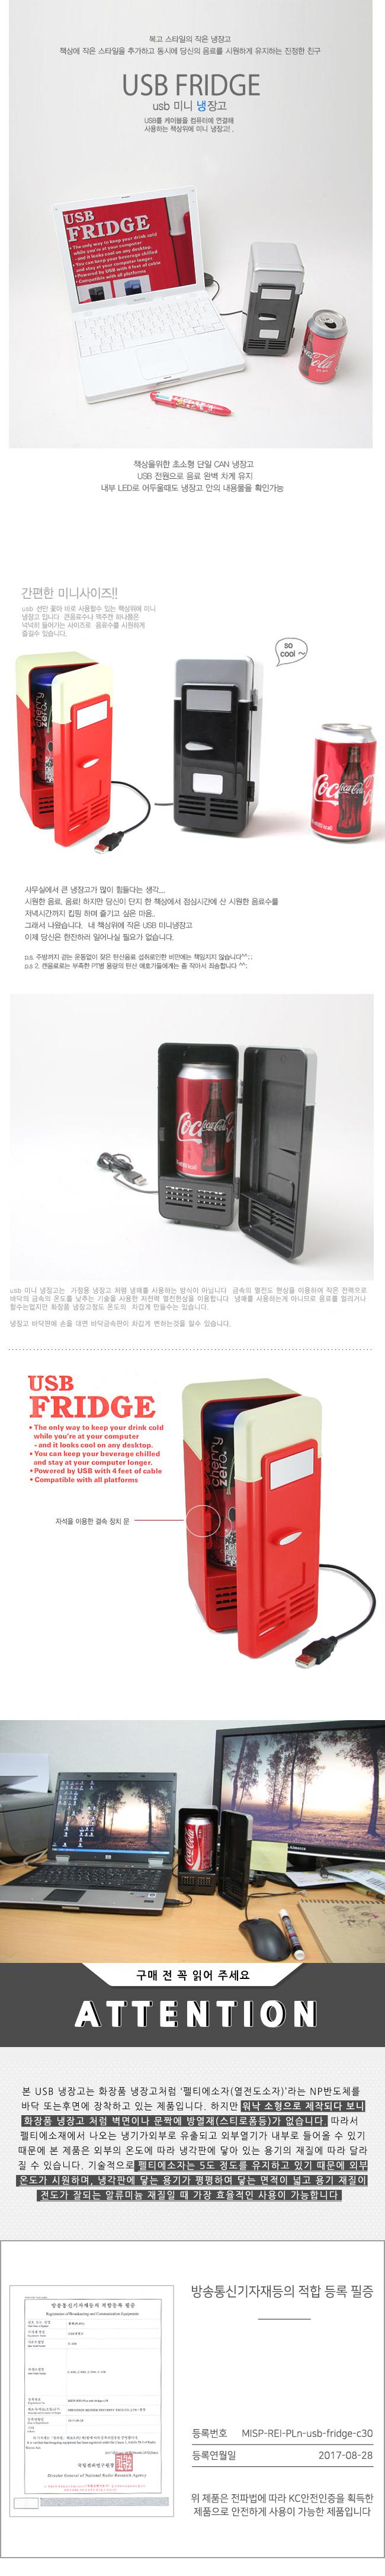 usb 미니 냉장고 - 디자인에버, 25,000원, 아이디어 상품, 아이디어 상품